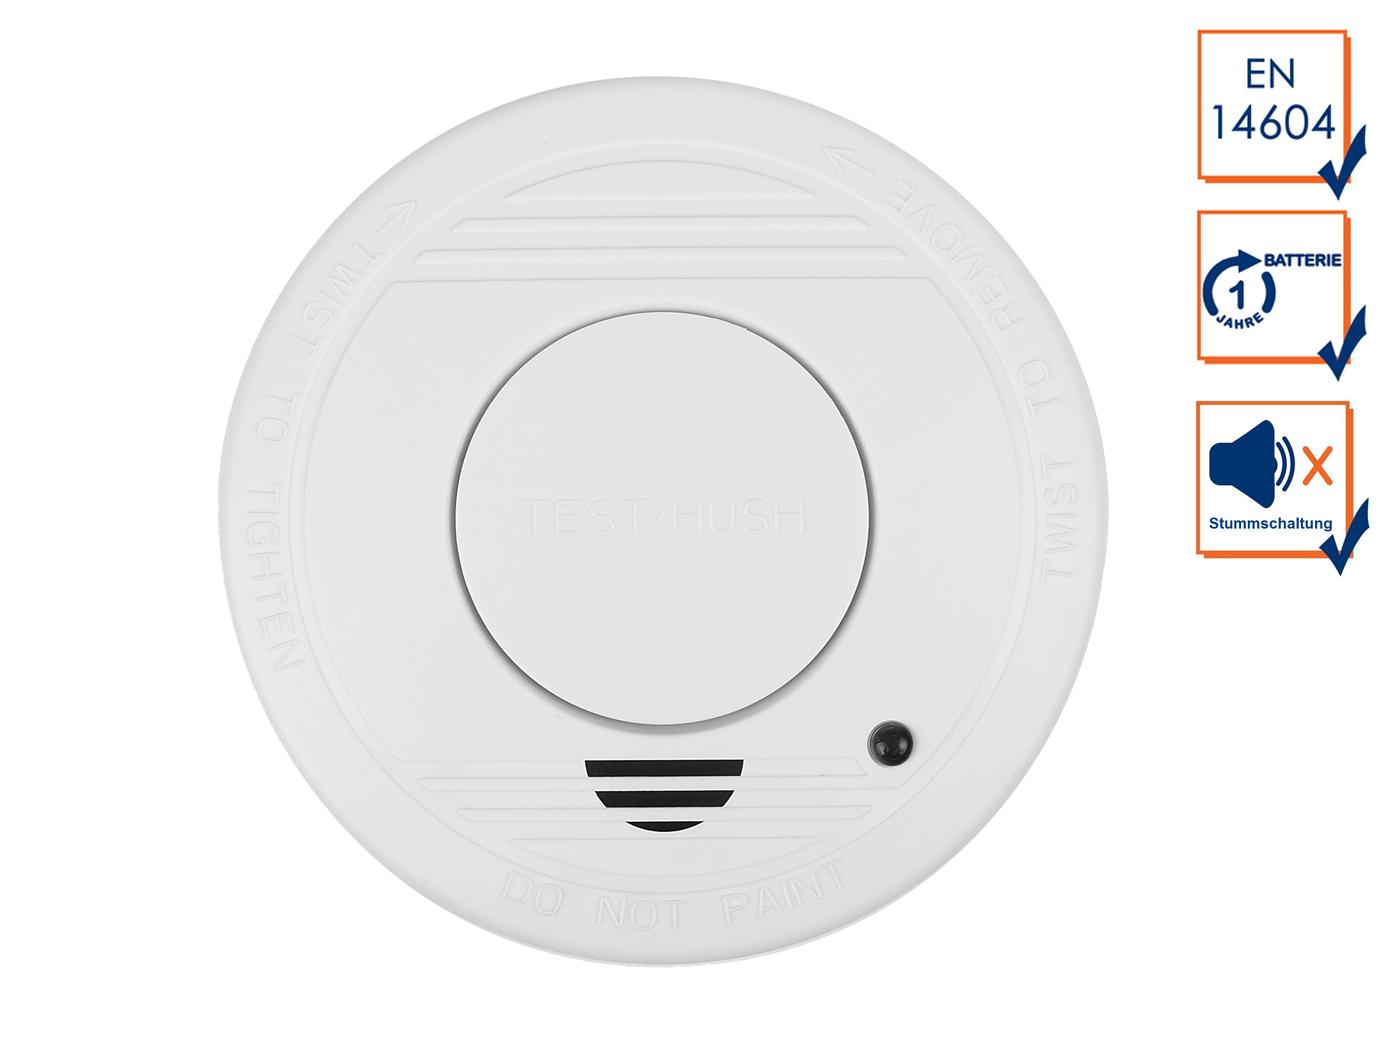 2er Set ELRO Mini allarme incendio ANNO 10 VDS BATTERIA certificate-protezione antincendio